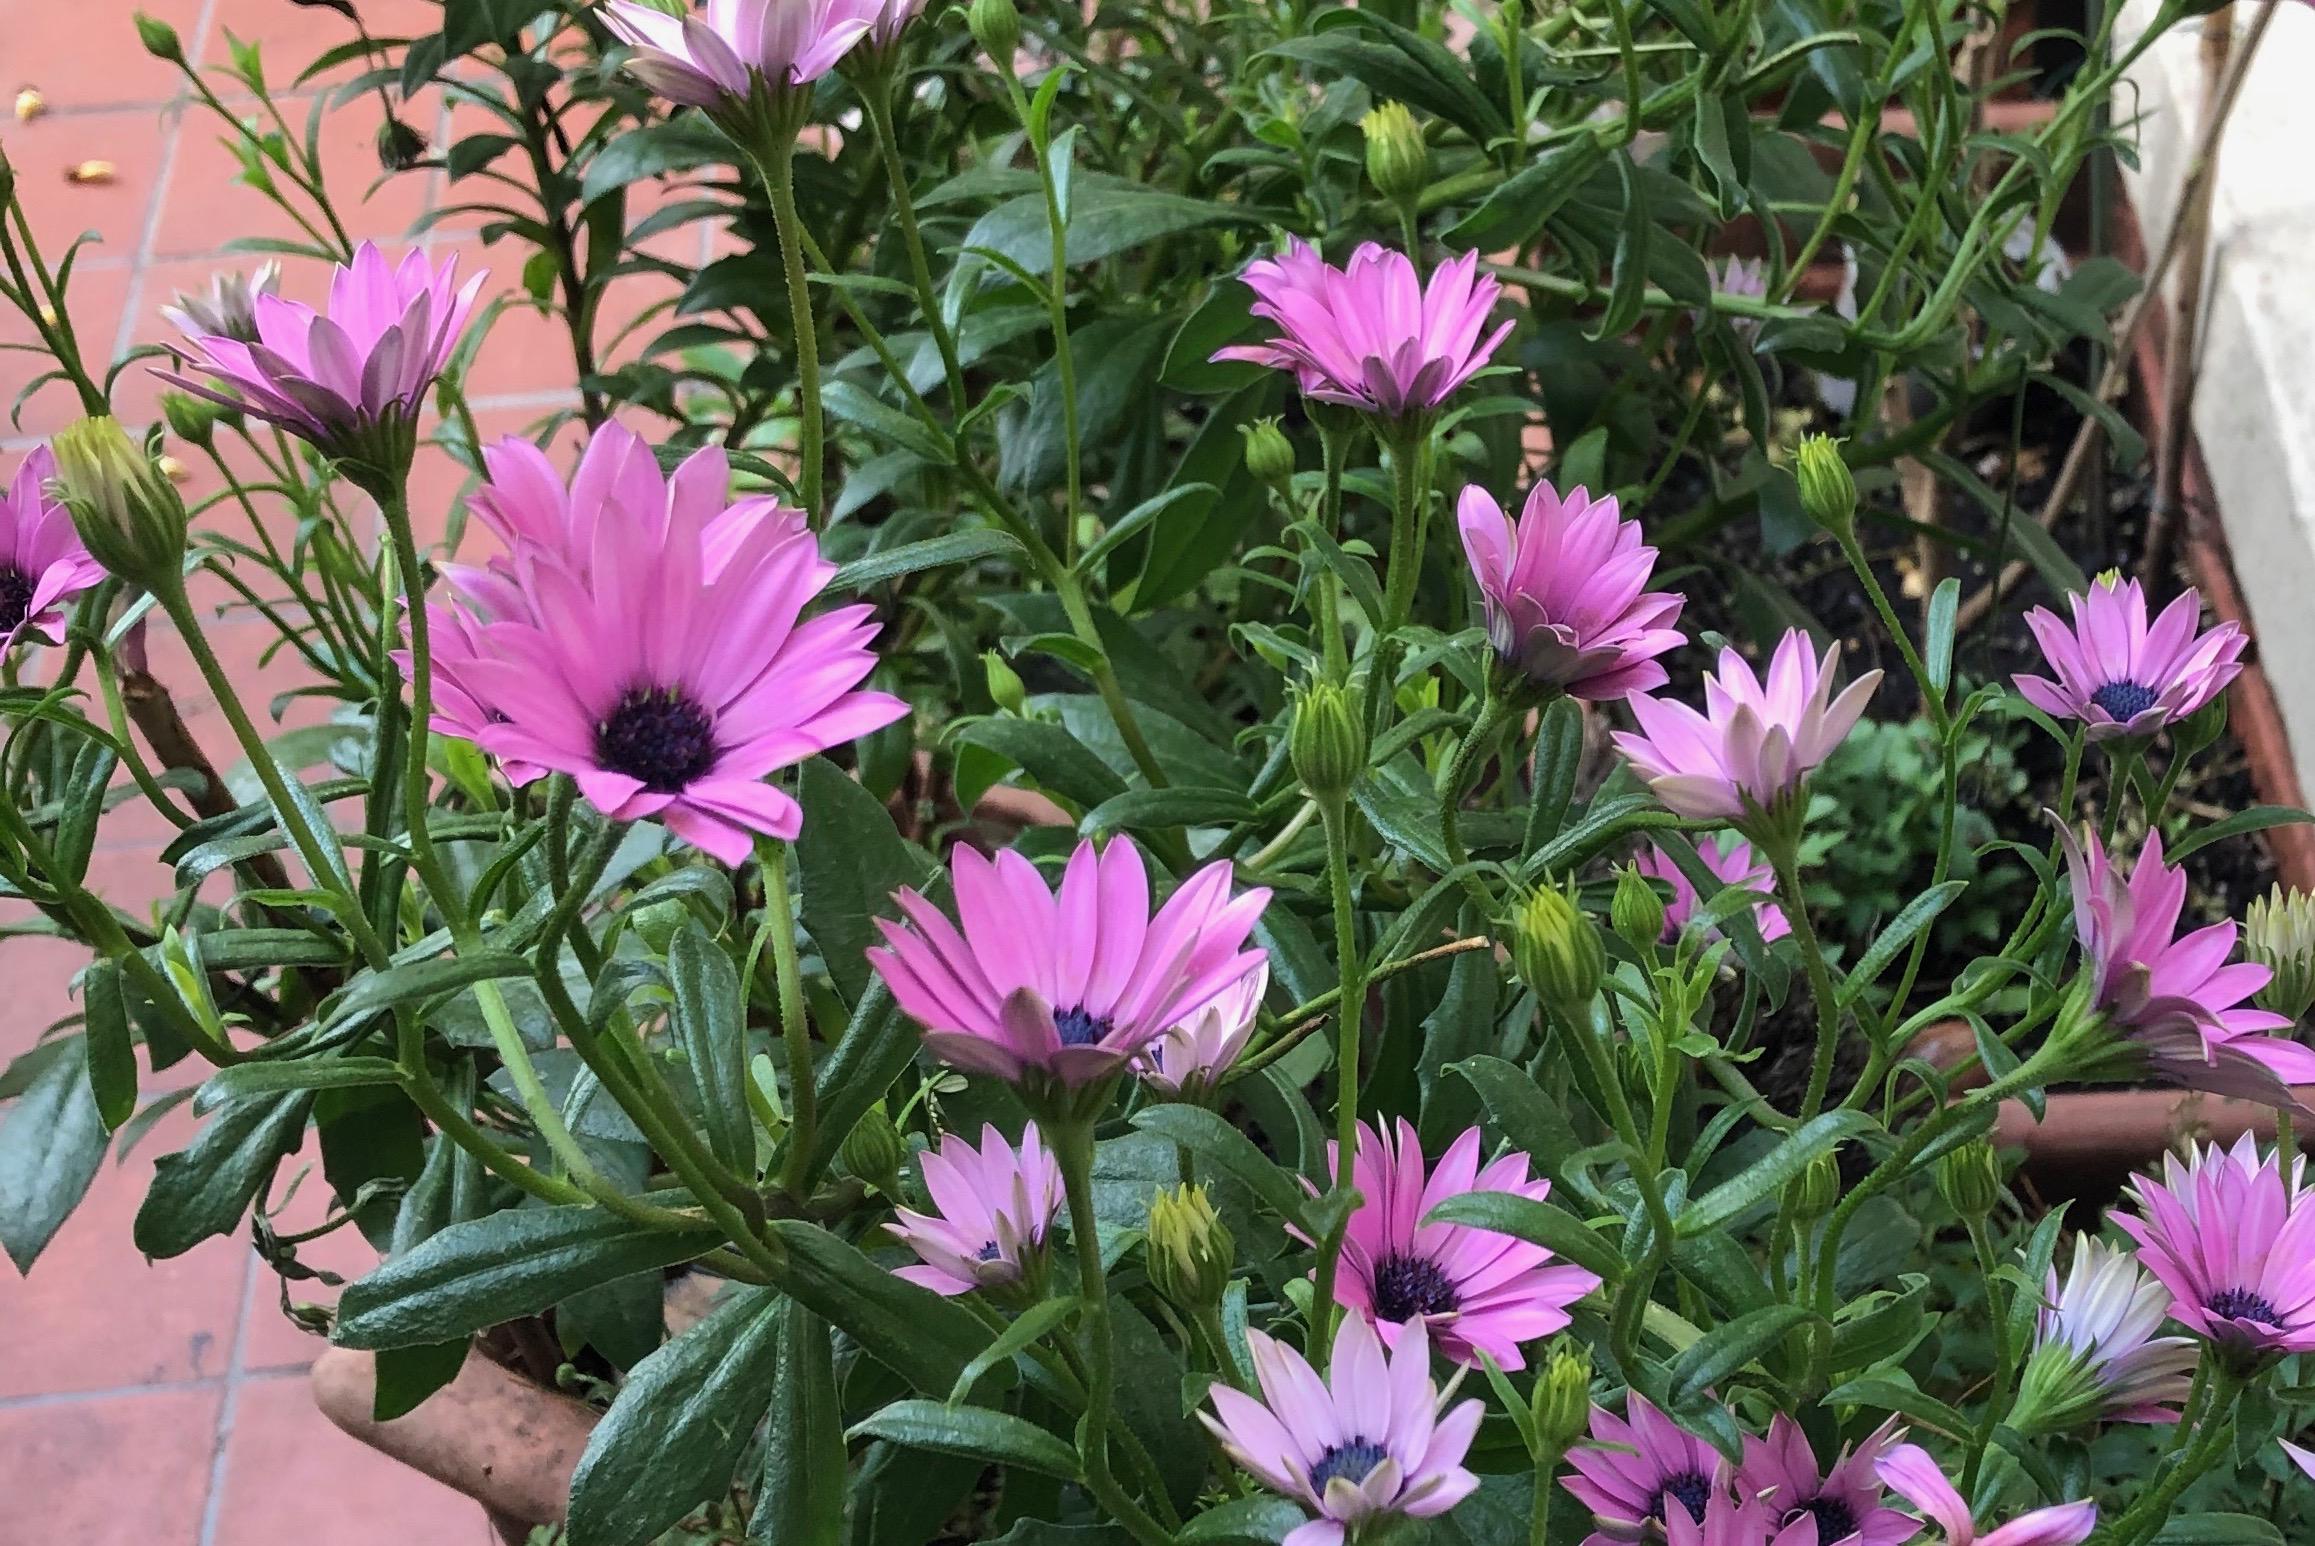 Peter's garden